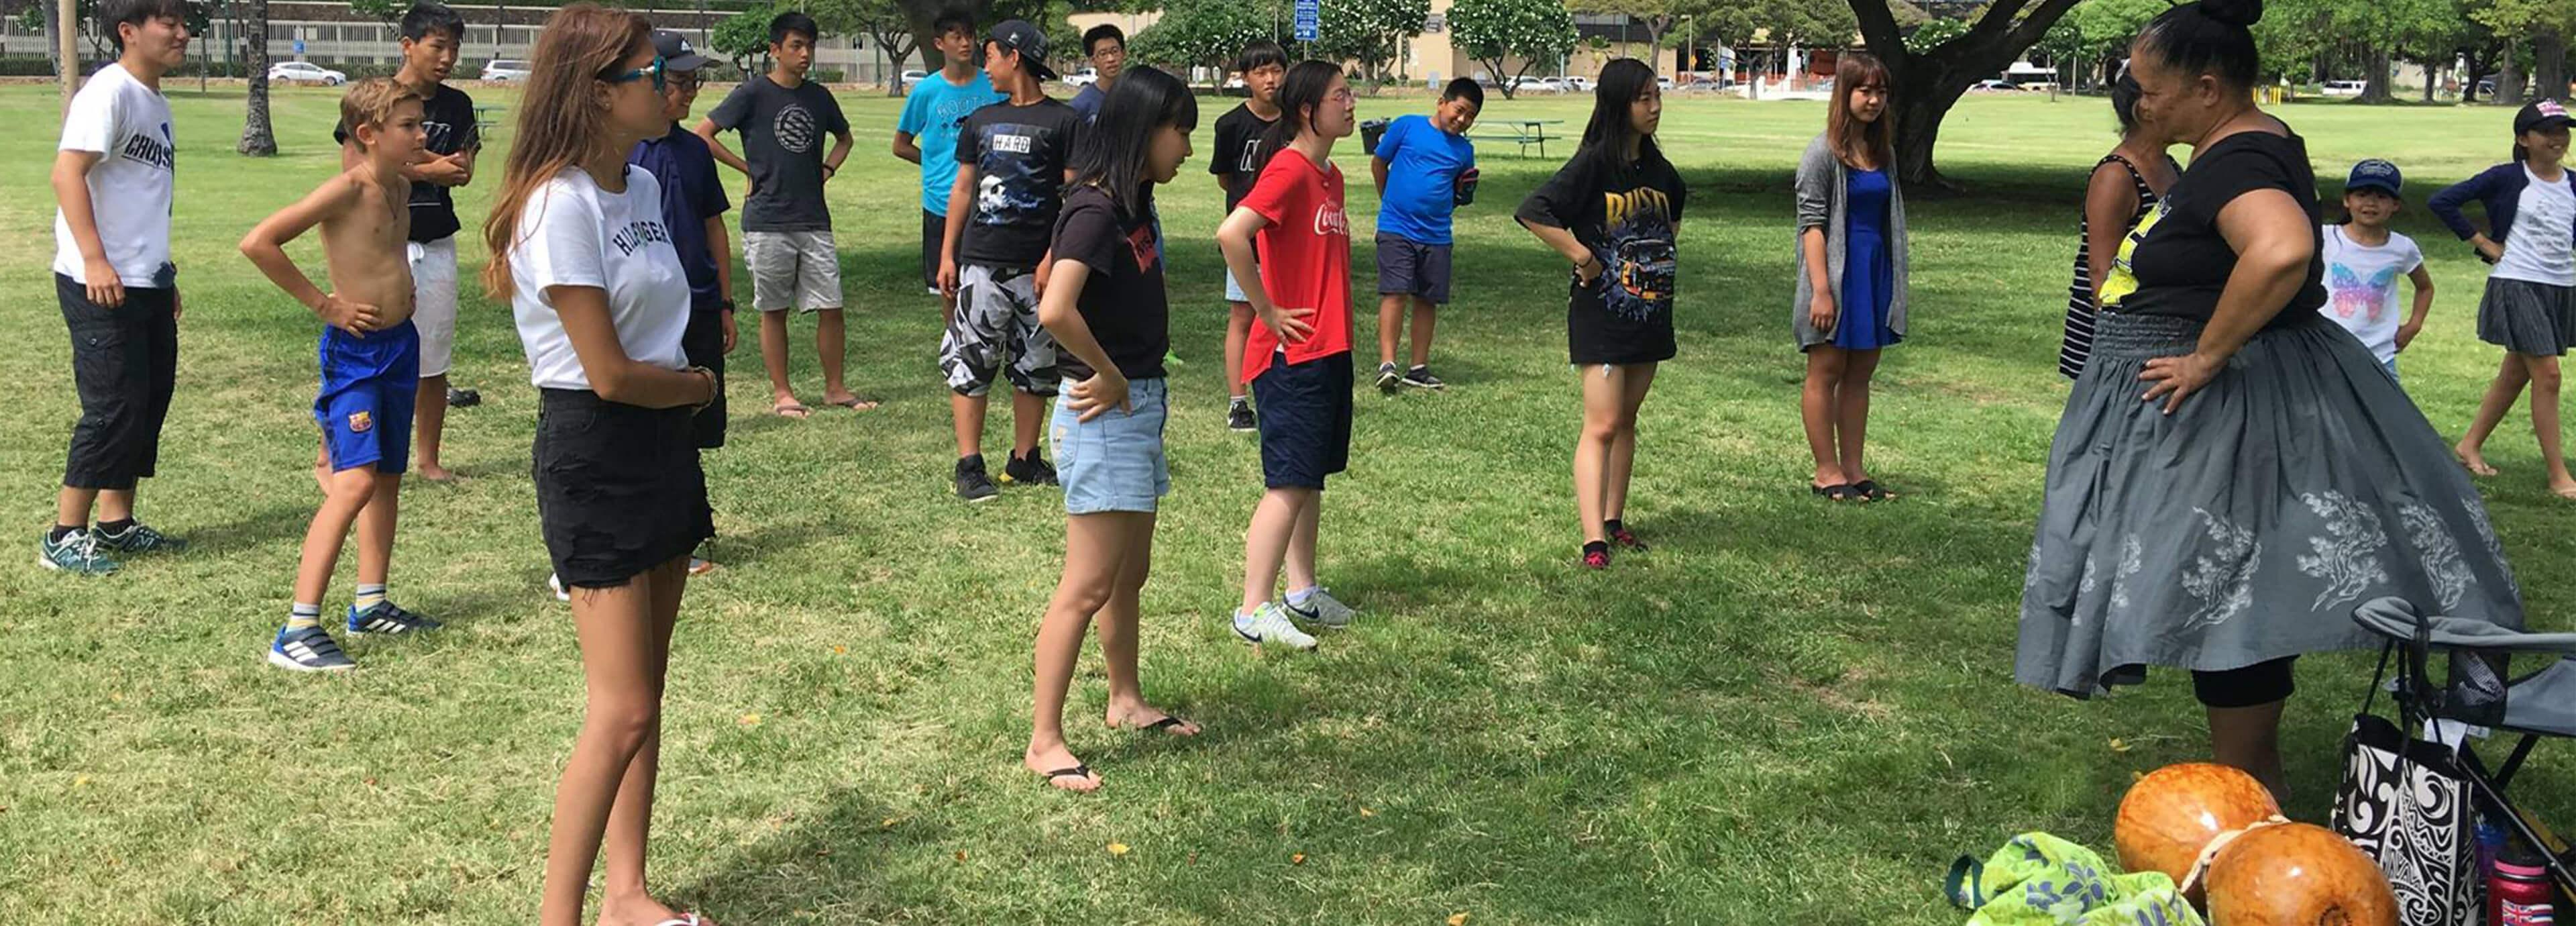 ハワイのサマーキャンプ留学キャンペーン【2021年夏】